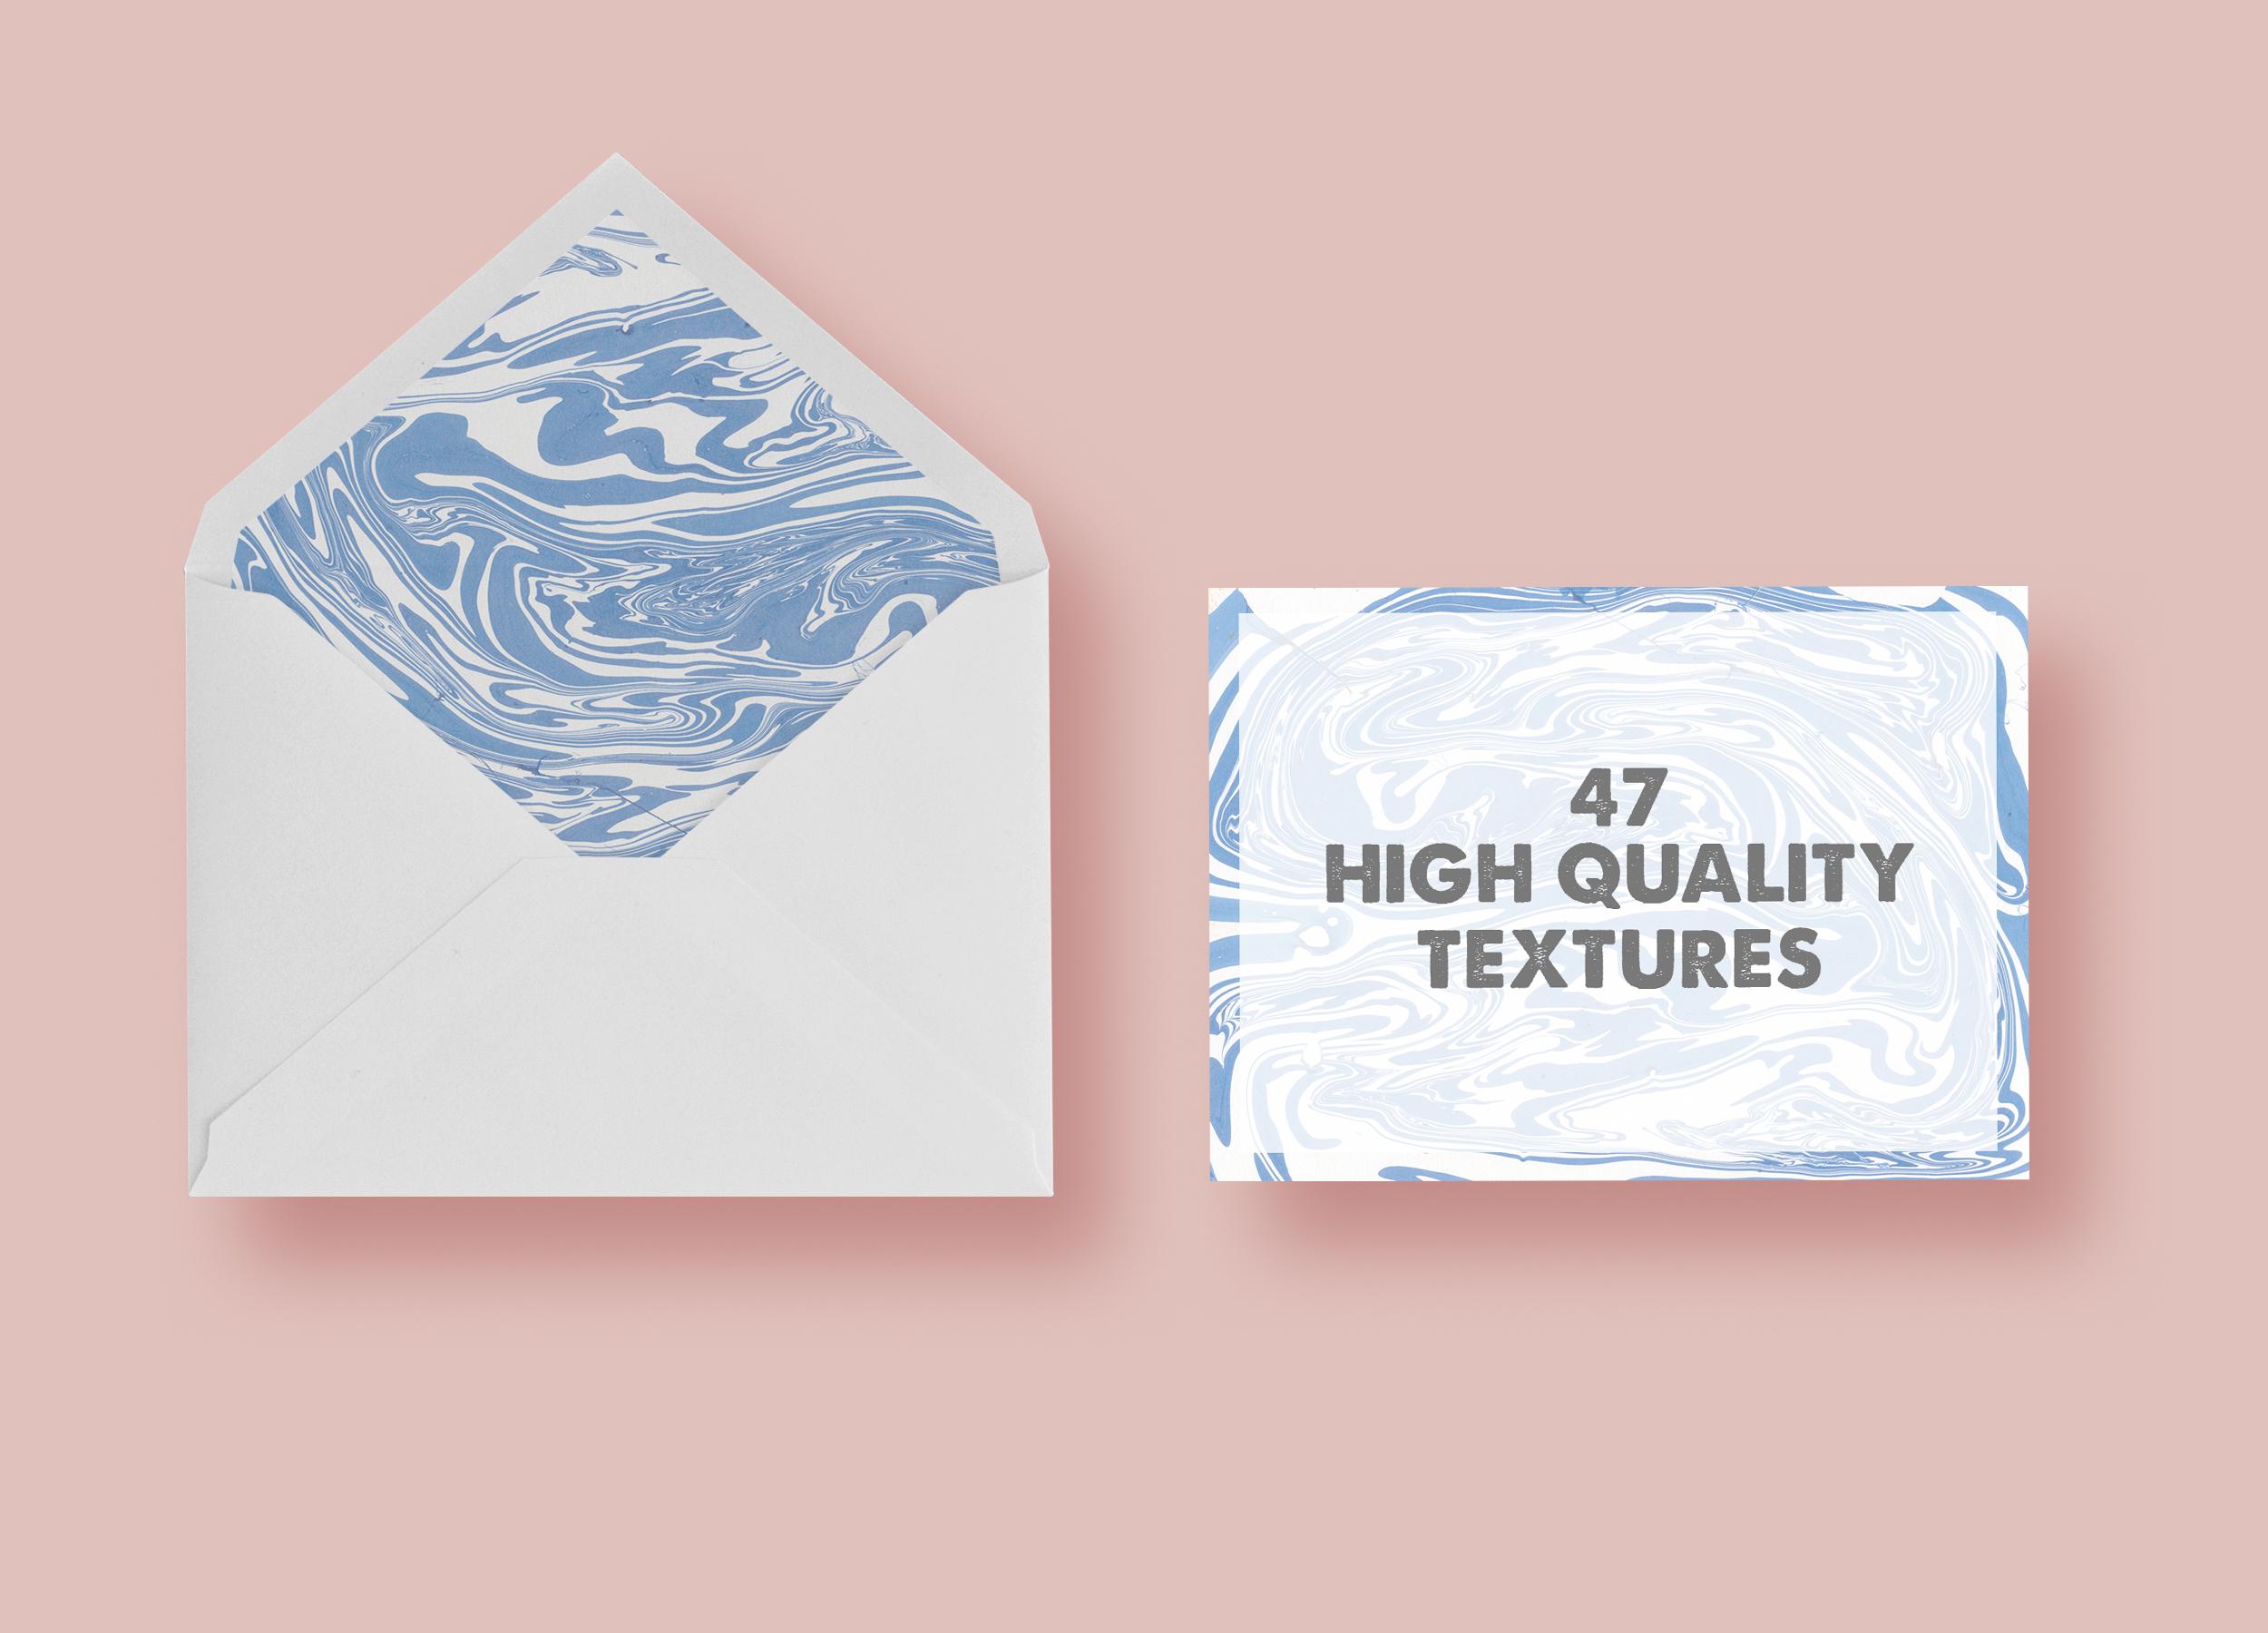 47款高清大理石纹理背景素材 Marble Textures插图(4)